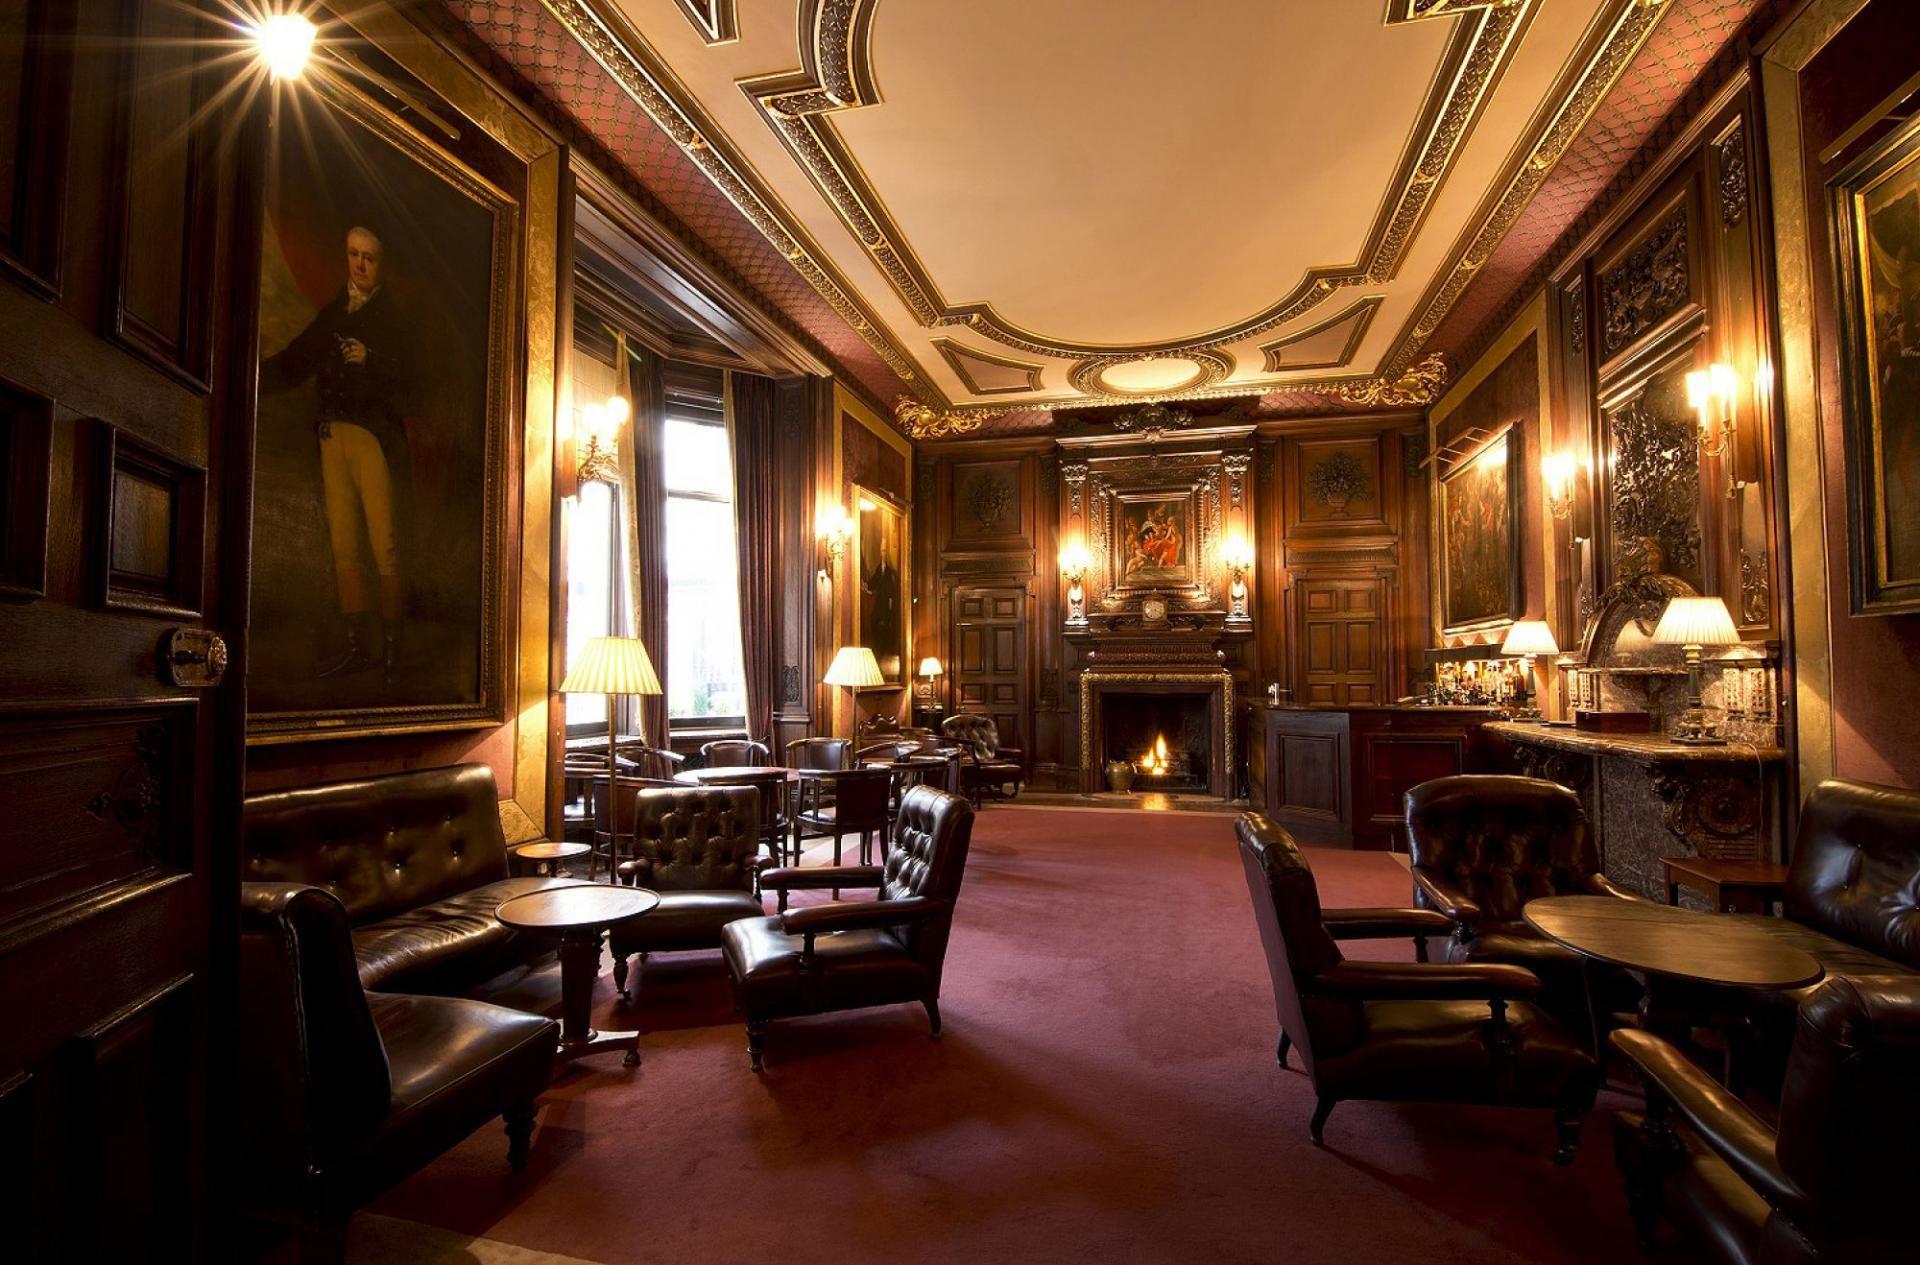 The Best Members' Clubs in Mayfair | Gentlemans club ...